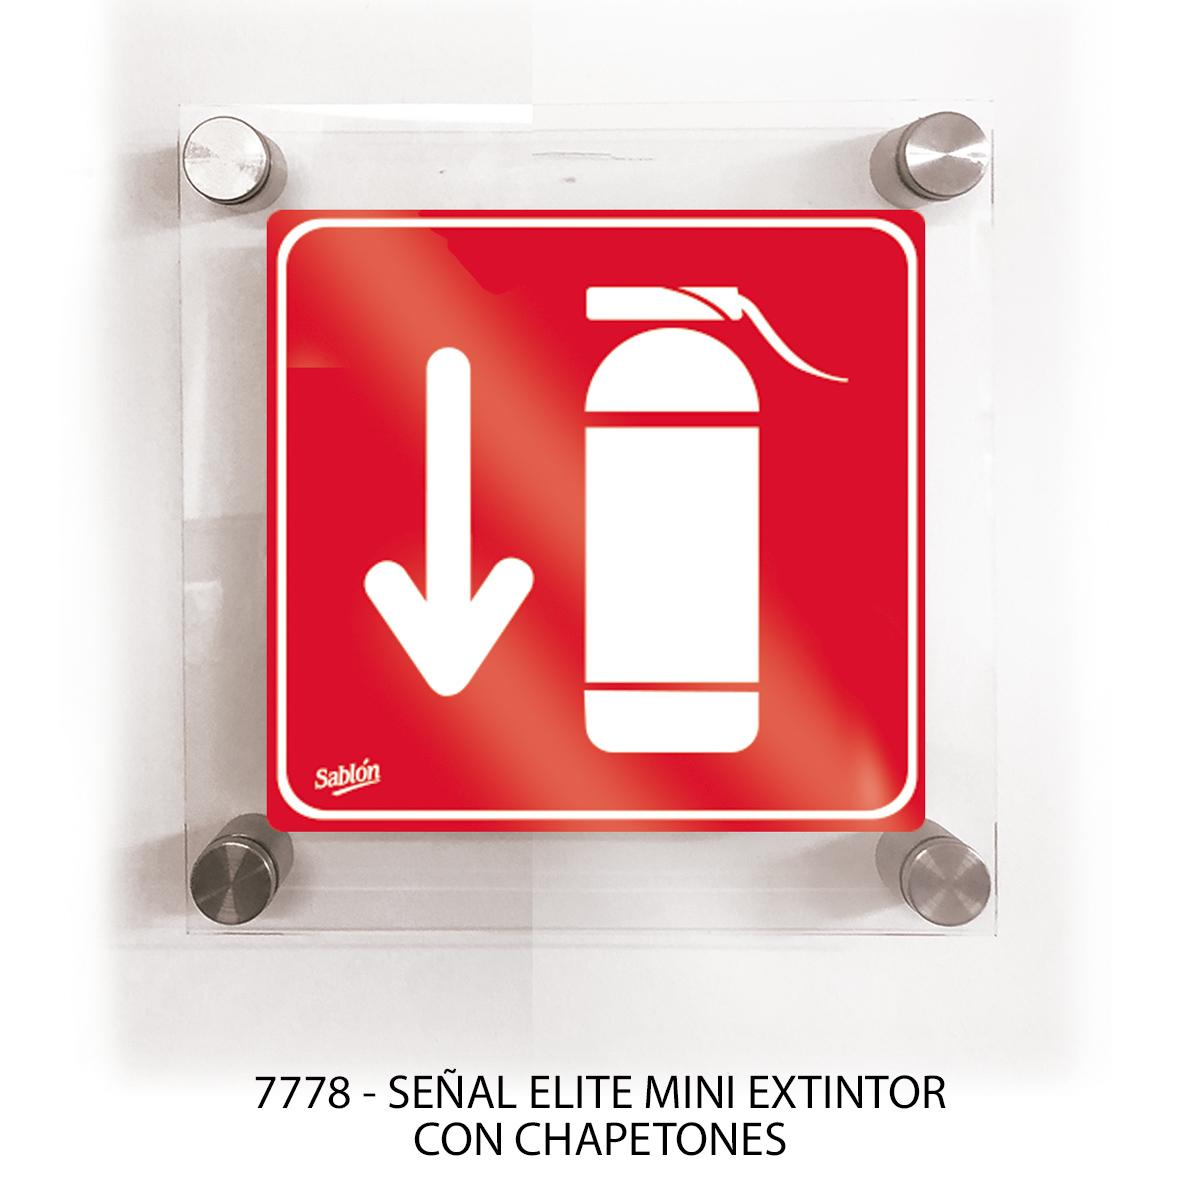 Señal extintor con chapetones línea elite mini modelo 7778 Sablón